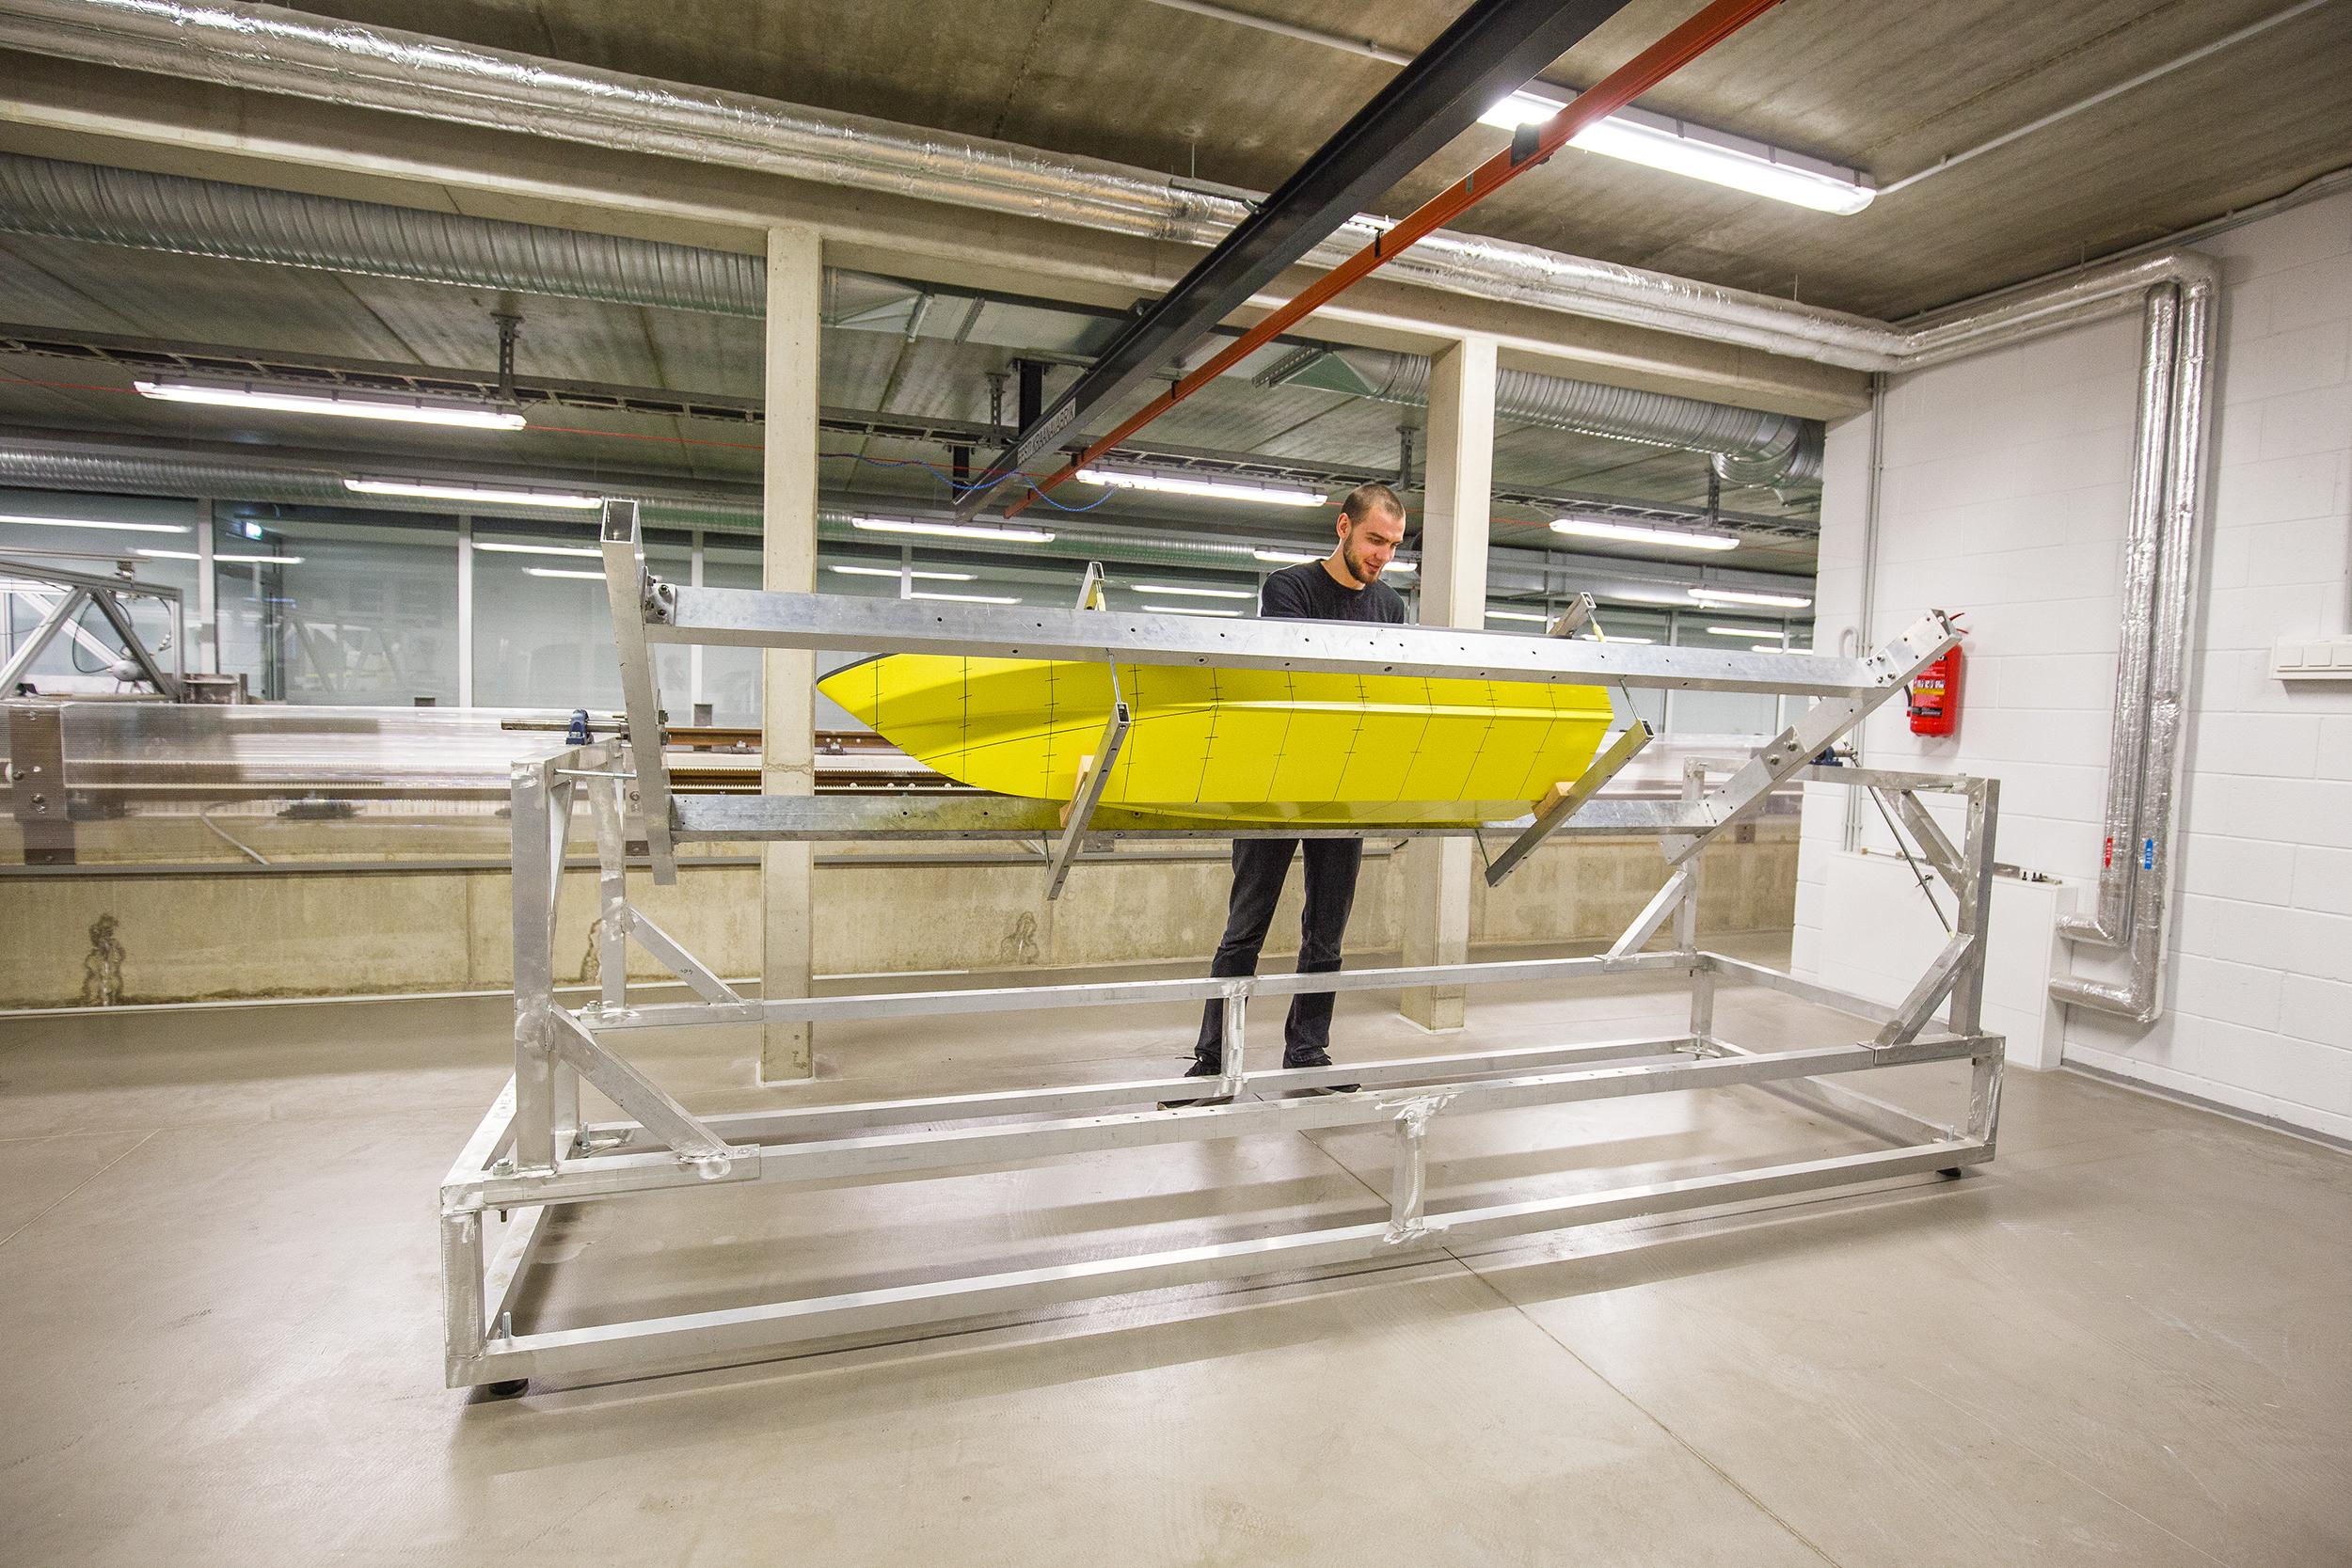 Vedeliku ja konstruktsiooni vastasmõju modelleerimine laeva dünaamiliste koormuste ja käitumise hindamiseks 2018-2022